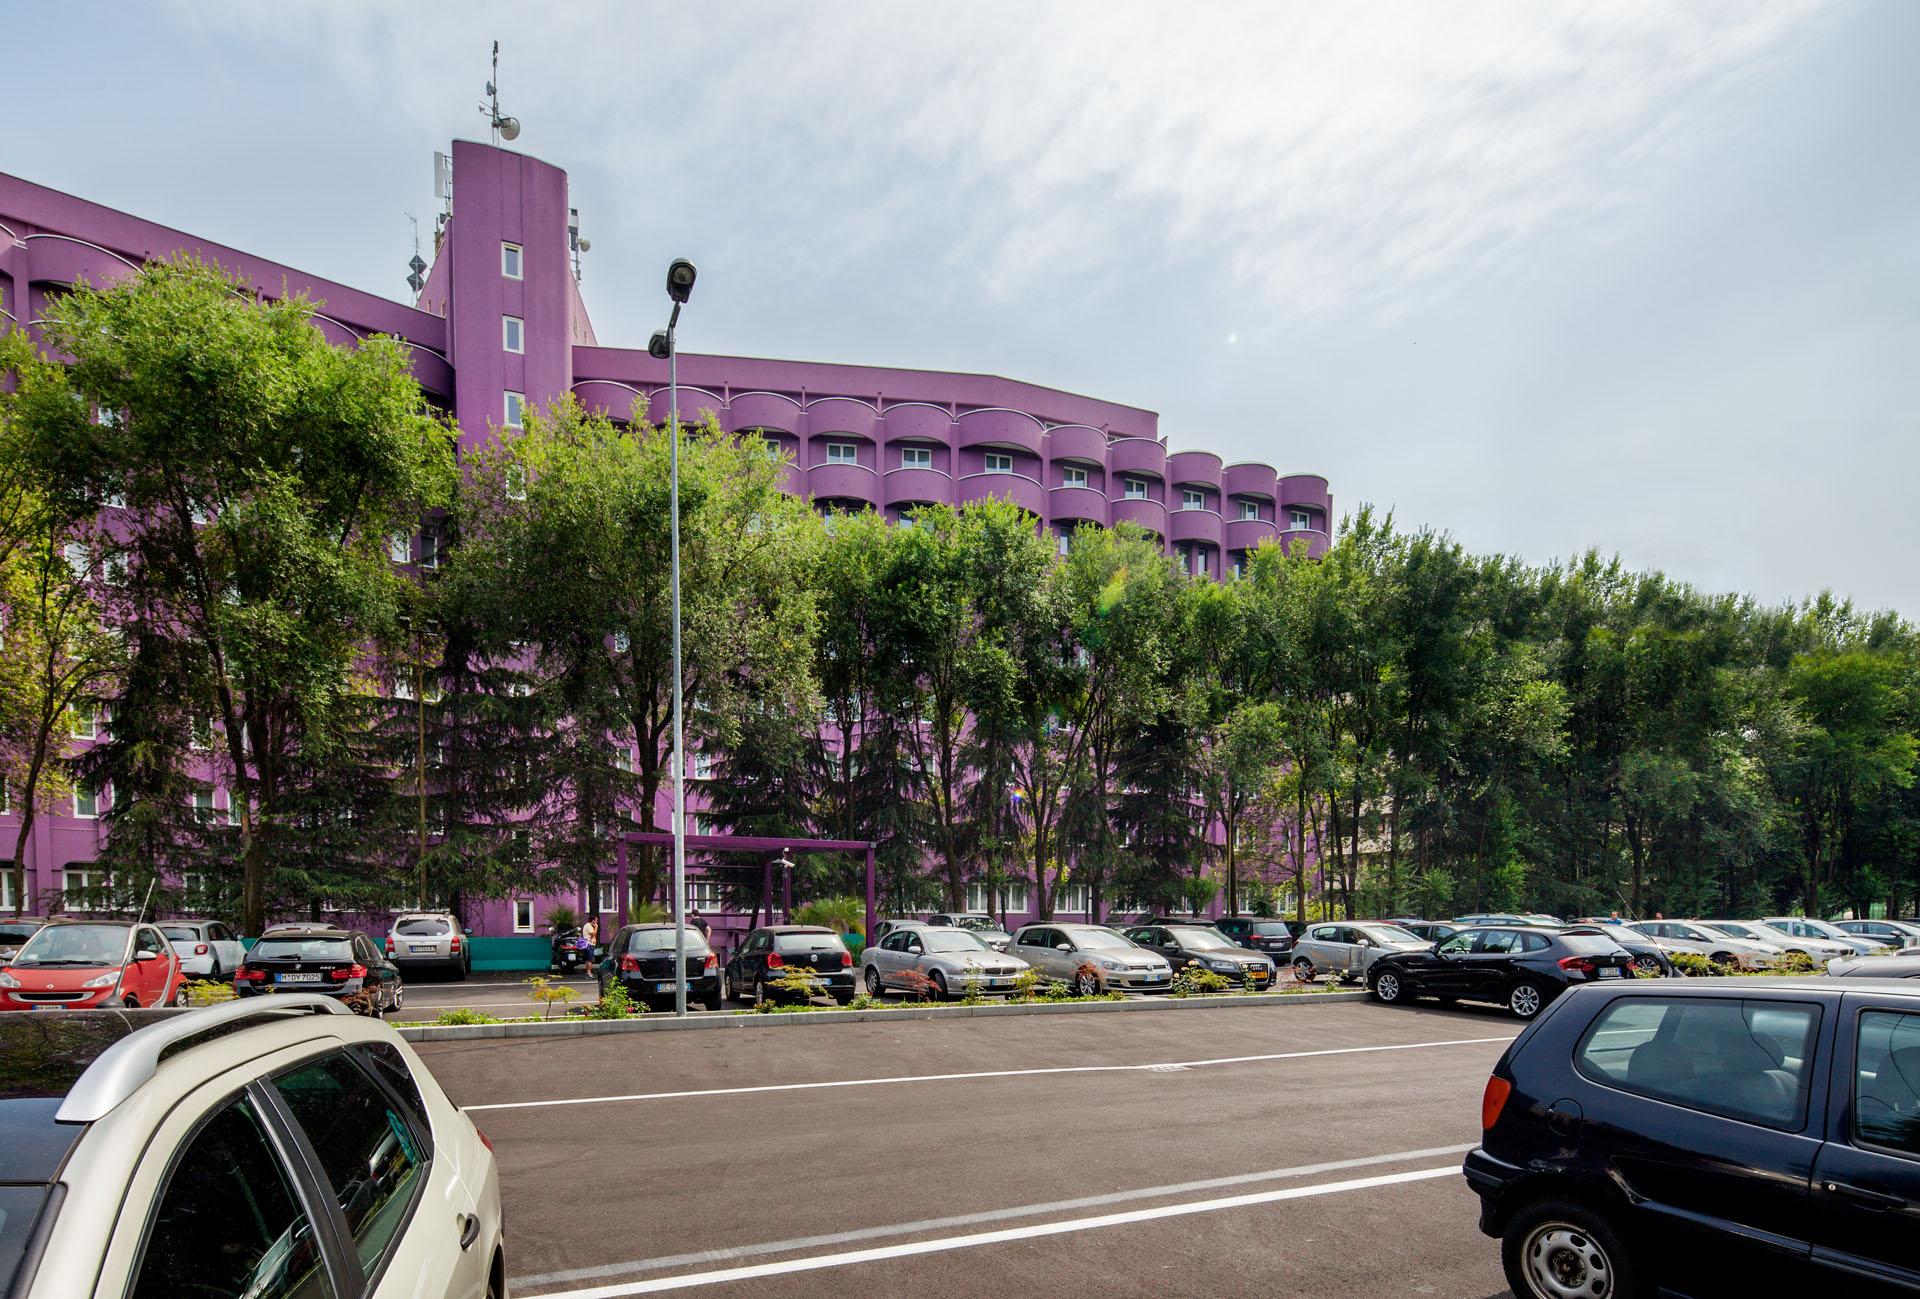 Hotel da vinci for Hotel parking design